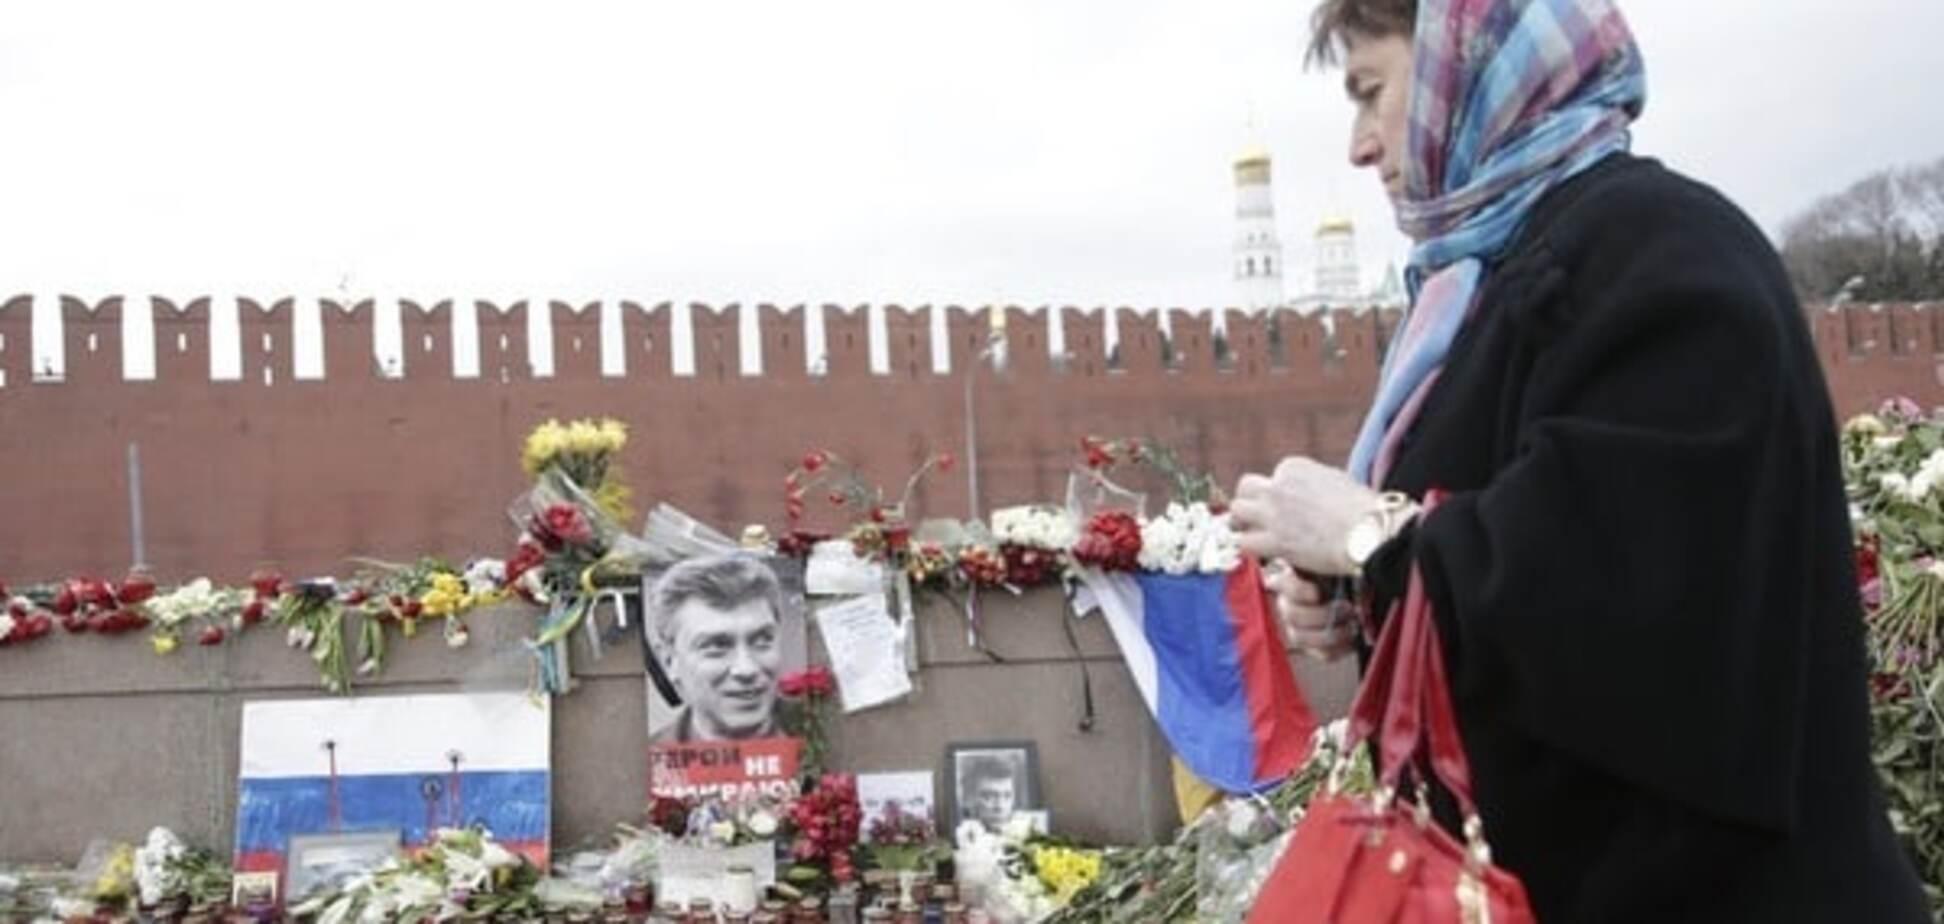 Нємцов міг уникнути загибелі: на допиті 'спливли' нові подробиці вбивства